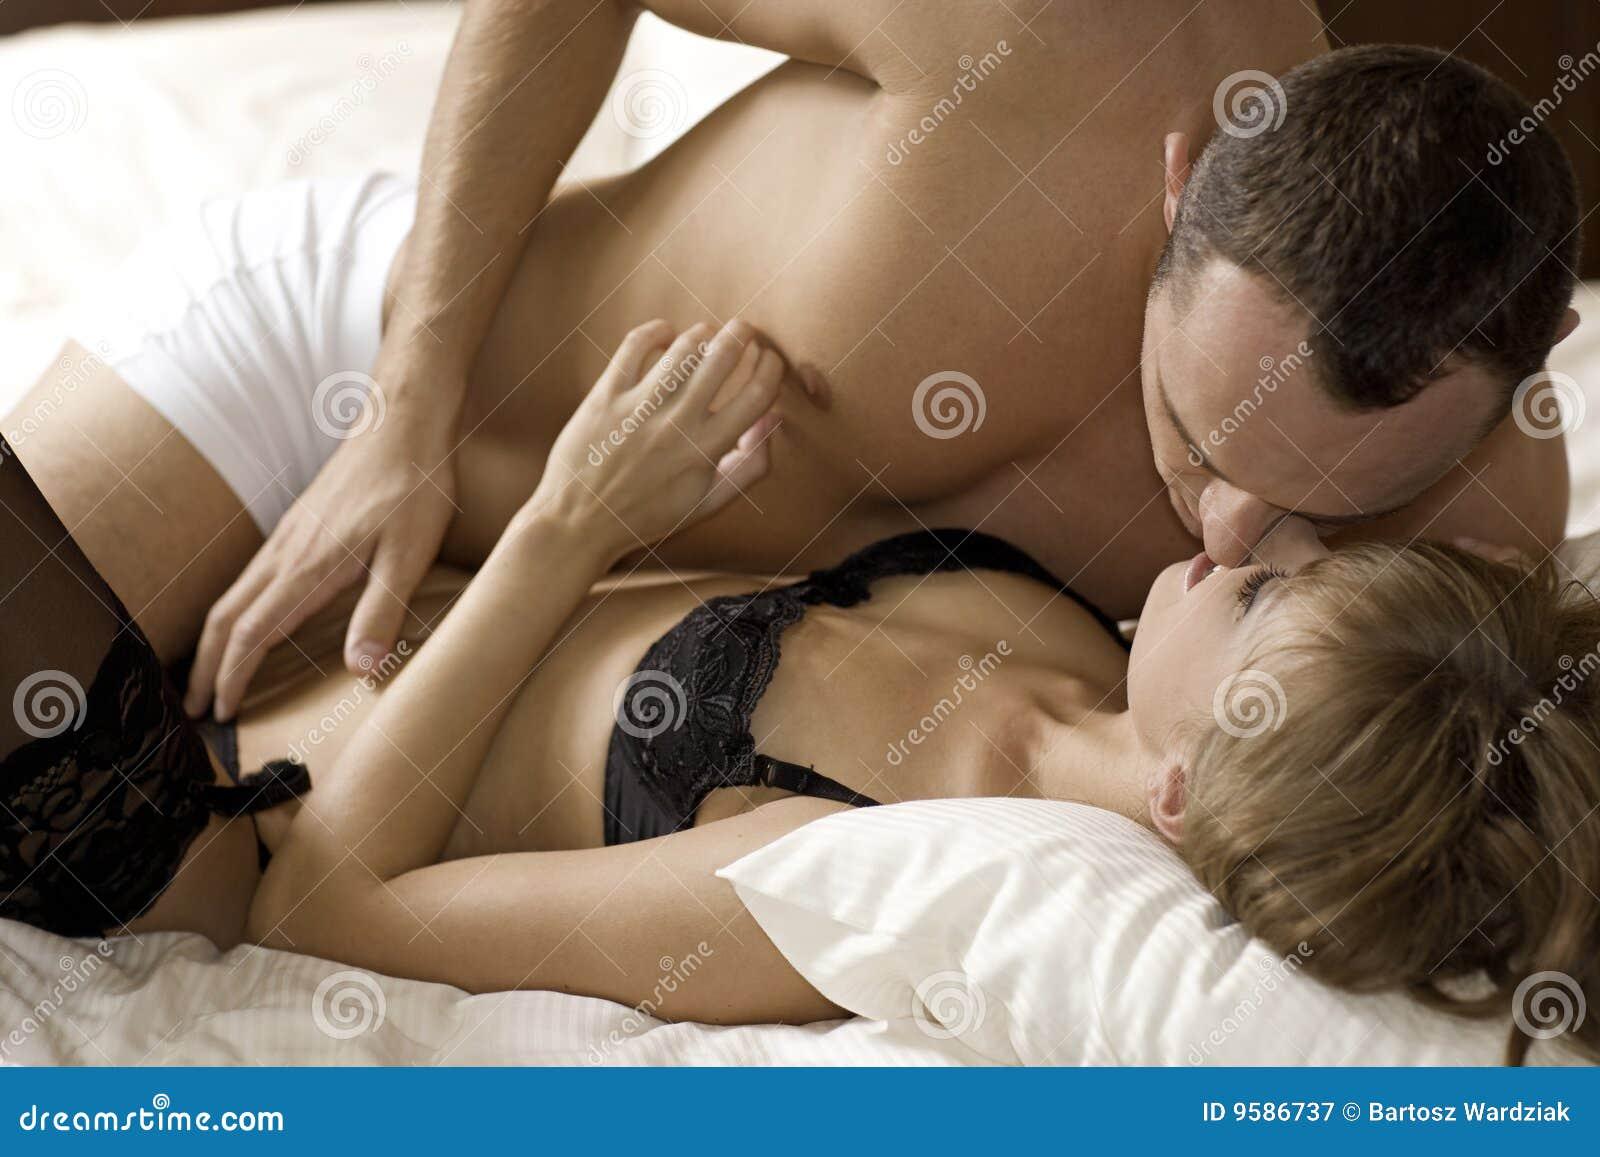 Страстная ласк секс фото 17 фотография